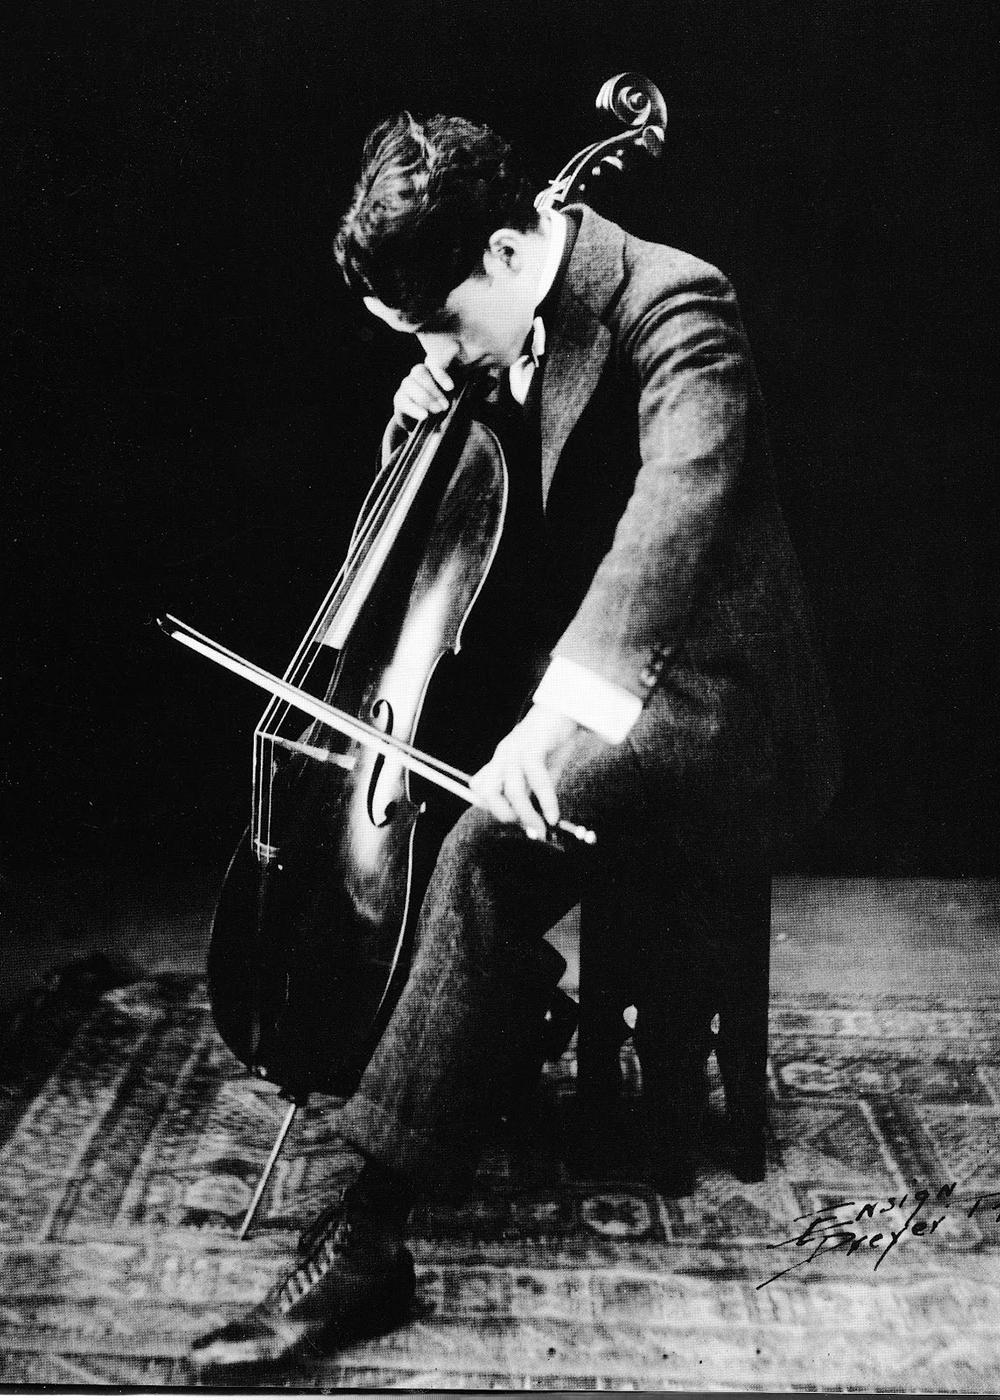 Чарли Чаплин играет на виолончели, 1916 год/ Фото с сайта chaplinfortheages.tumblr.com